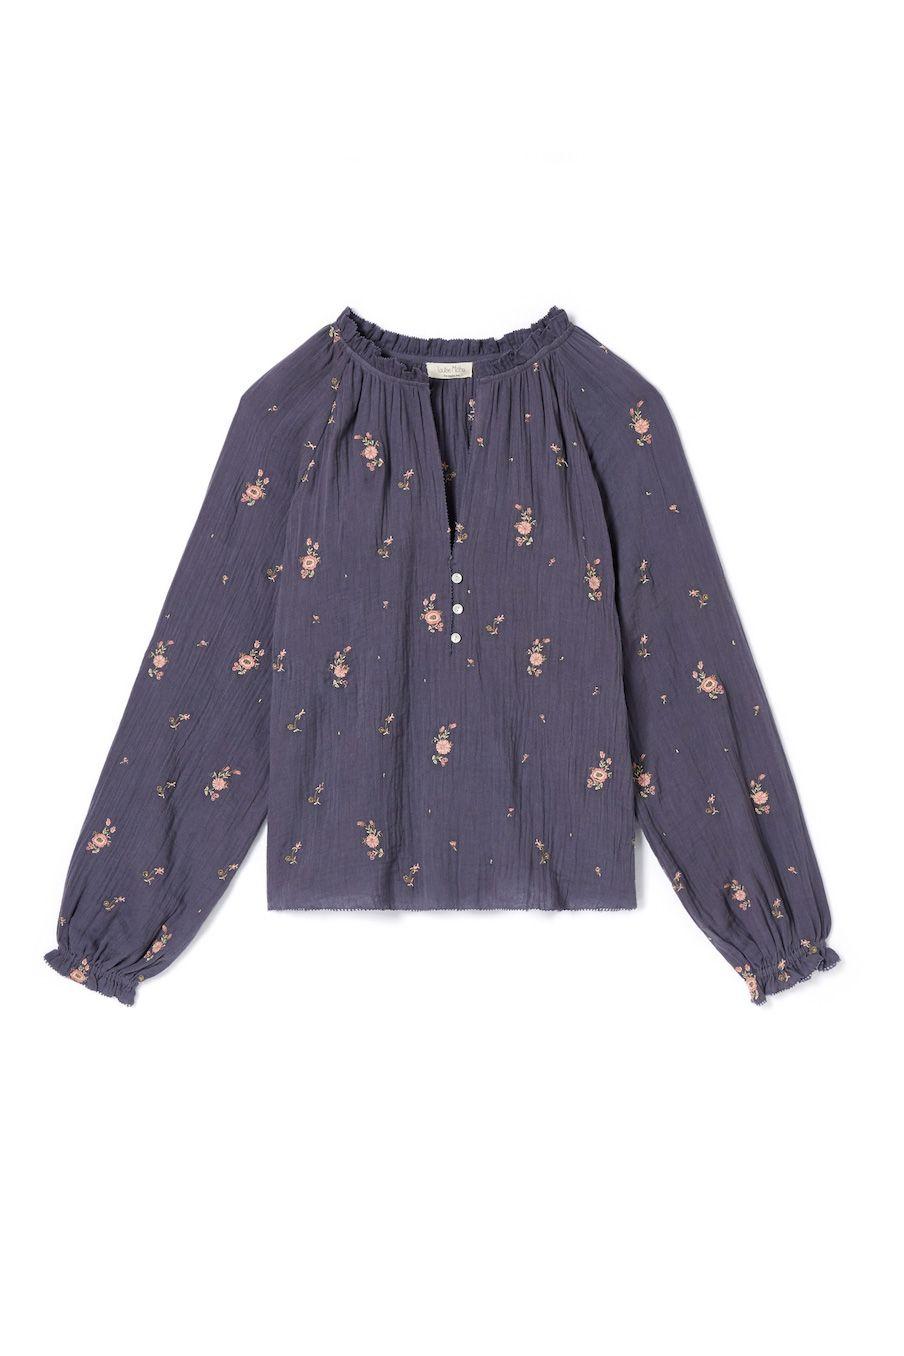 boheme chic vintage blouse femme leonora storm flowers